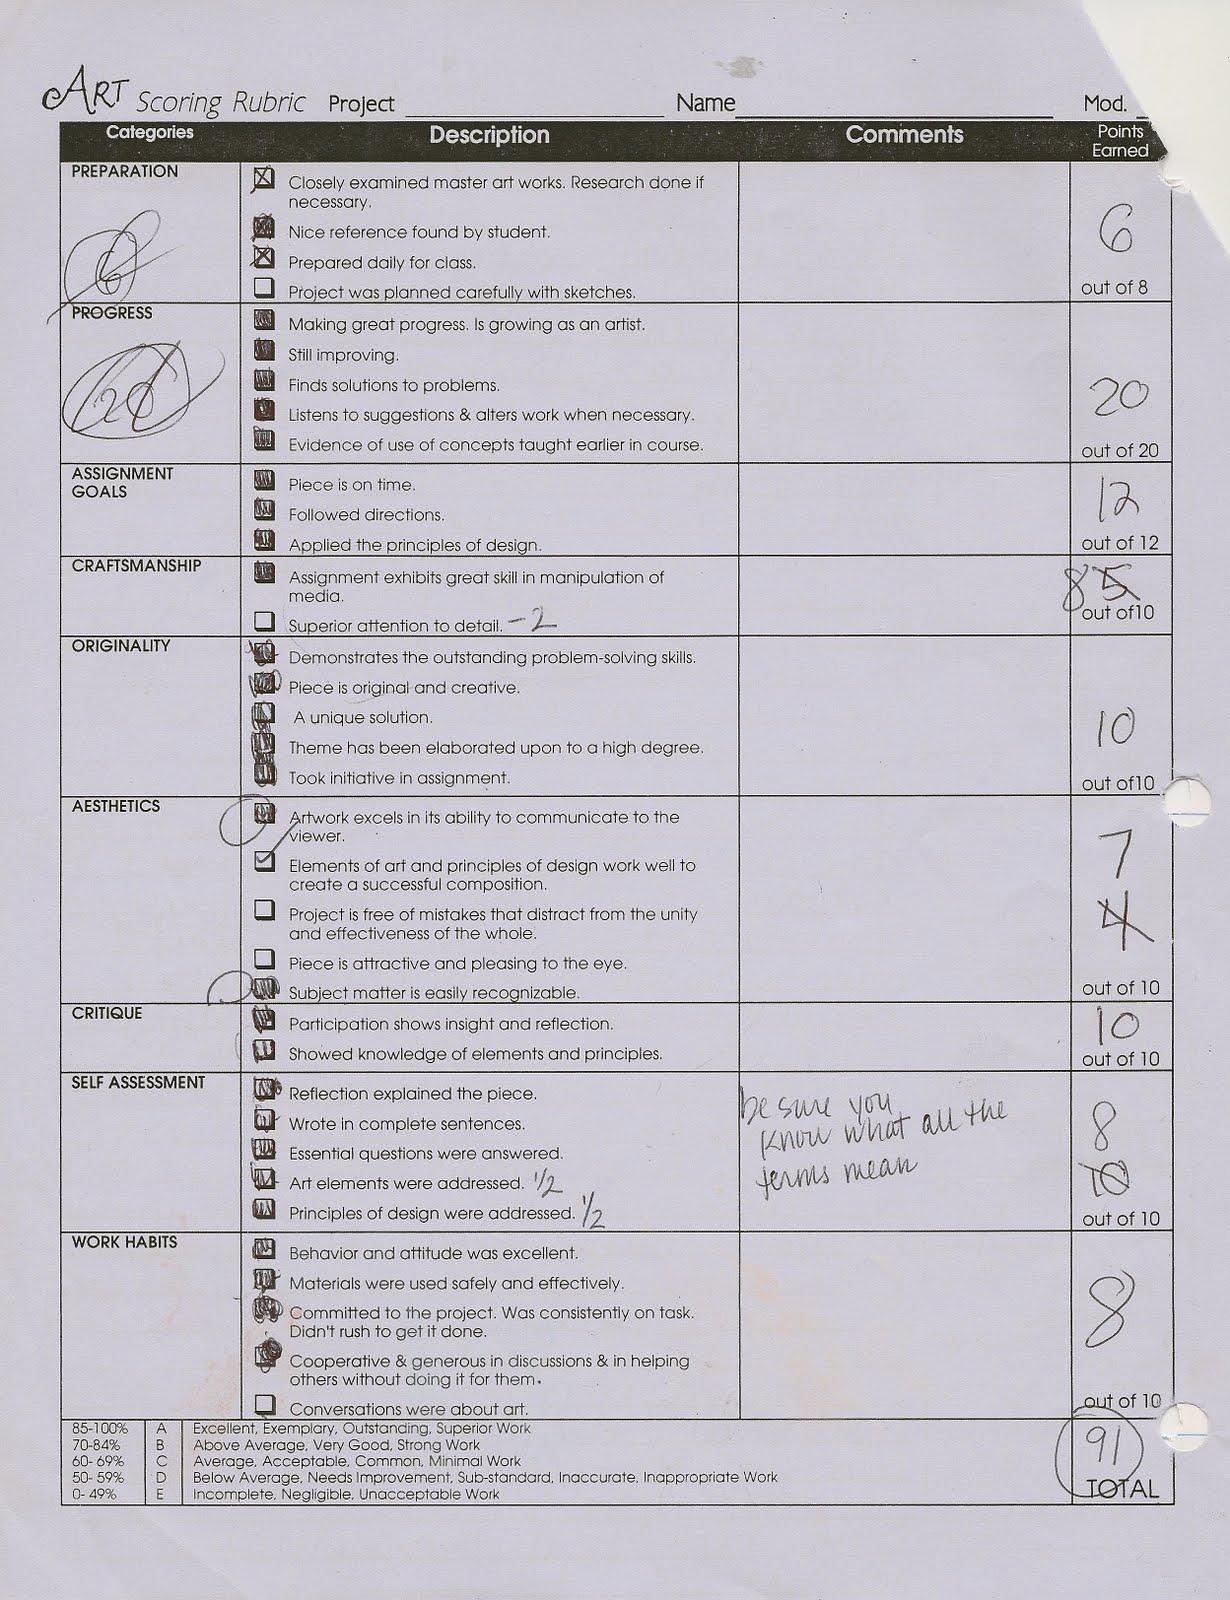 Assessment Worksheet Examples